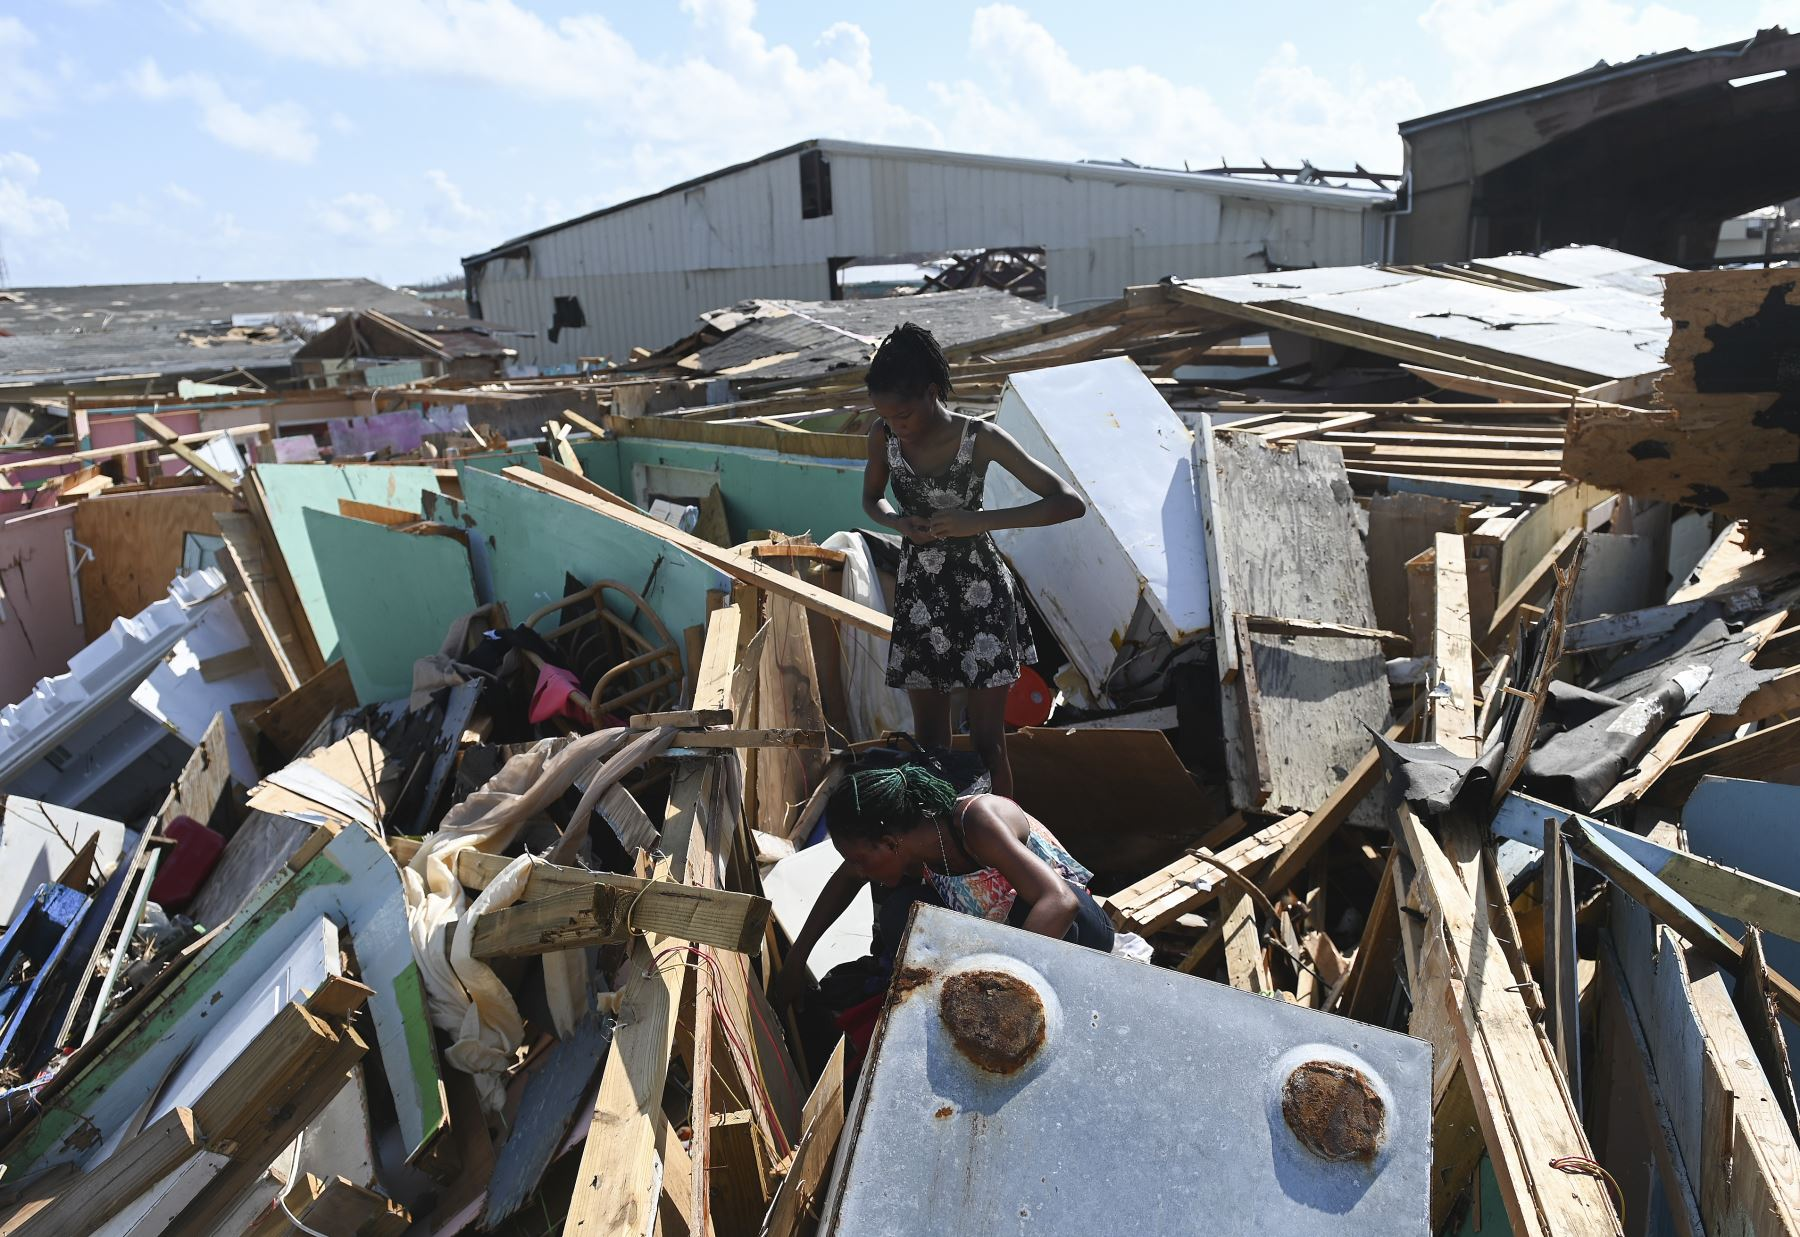 Margie Gerthadauphin (abajo) y su hija Kimberly observan su casa destruida mientras intenta salvar sus pertenencias en Marsh Harbour, Bahamas, una semana después del paso del huracán Dorian. Foto:AFP